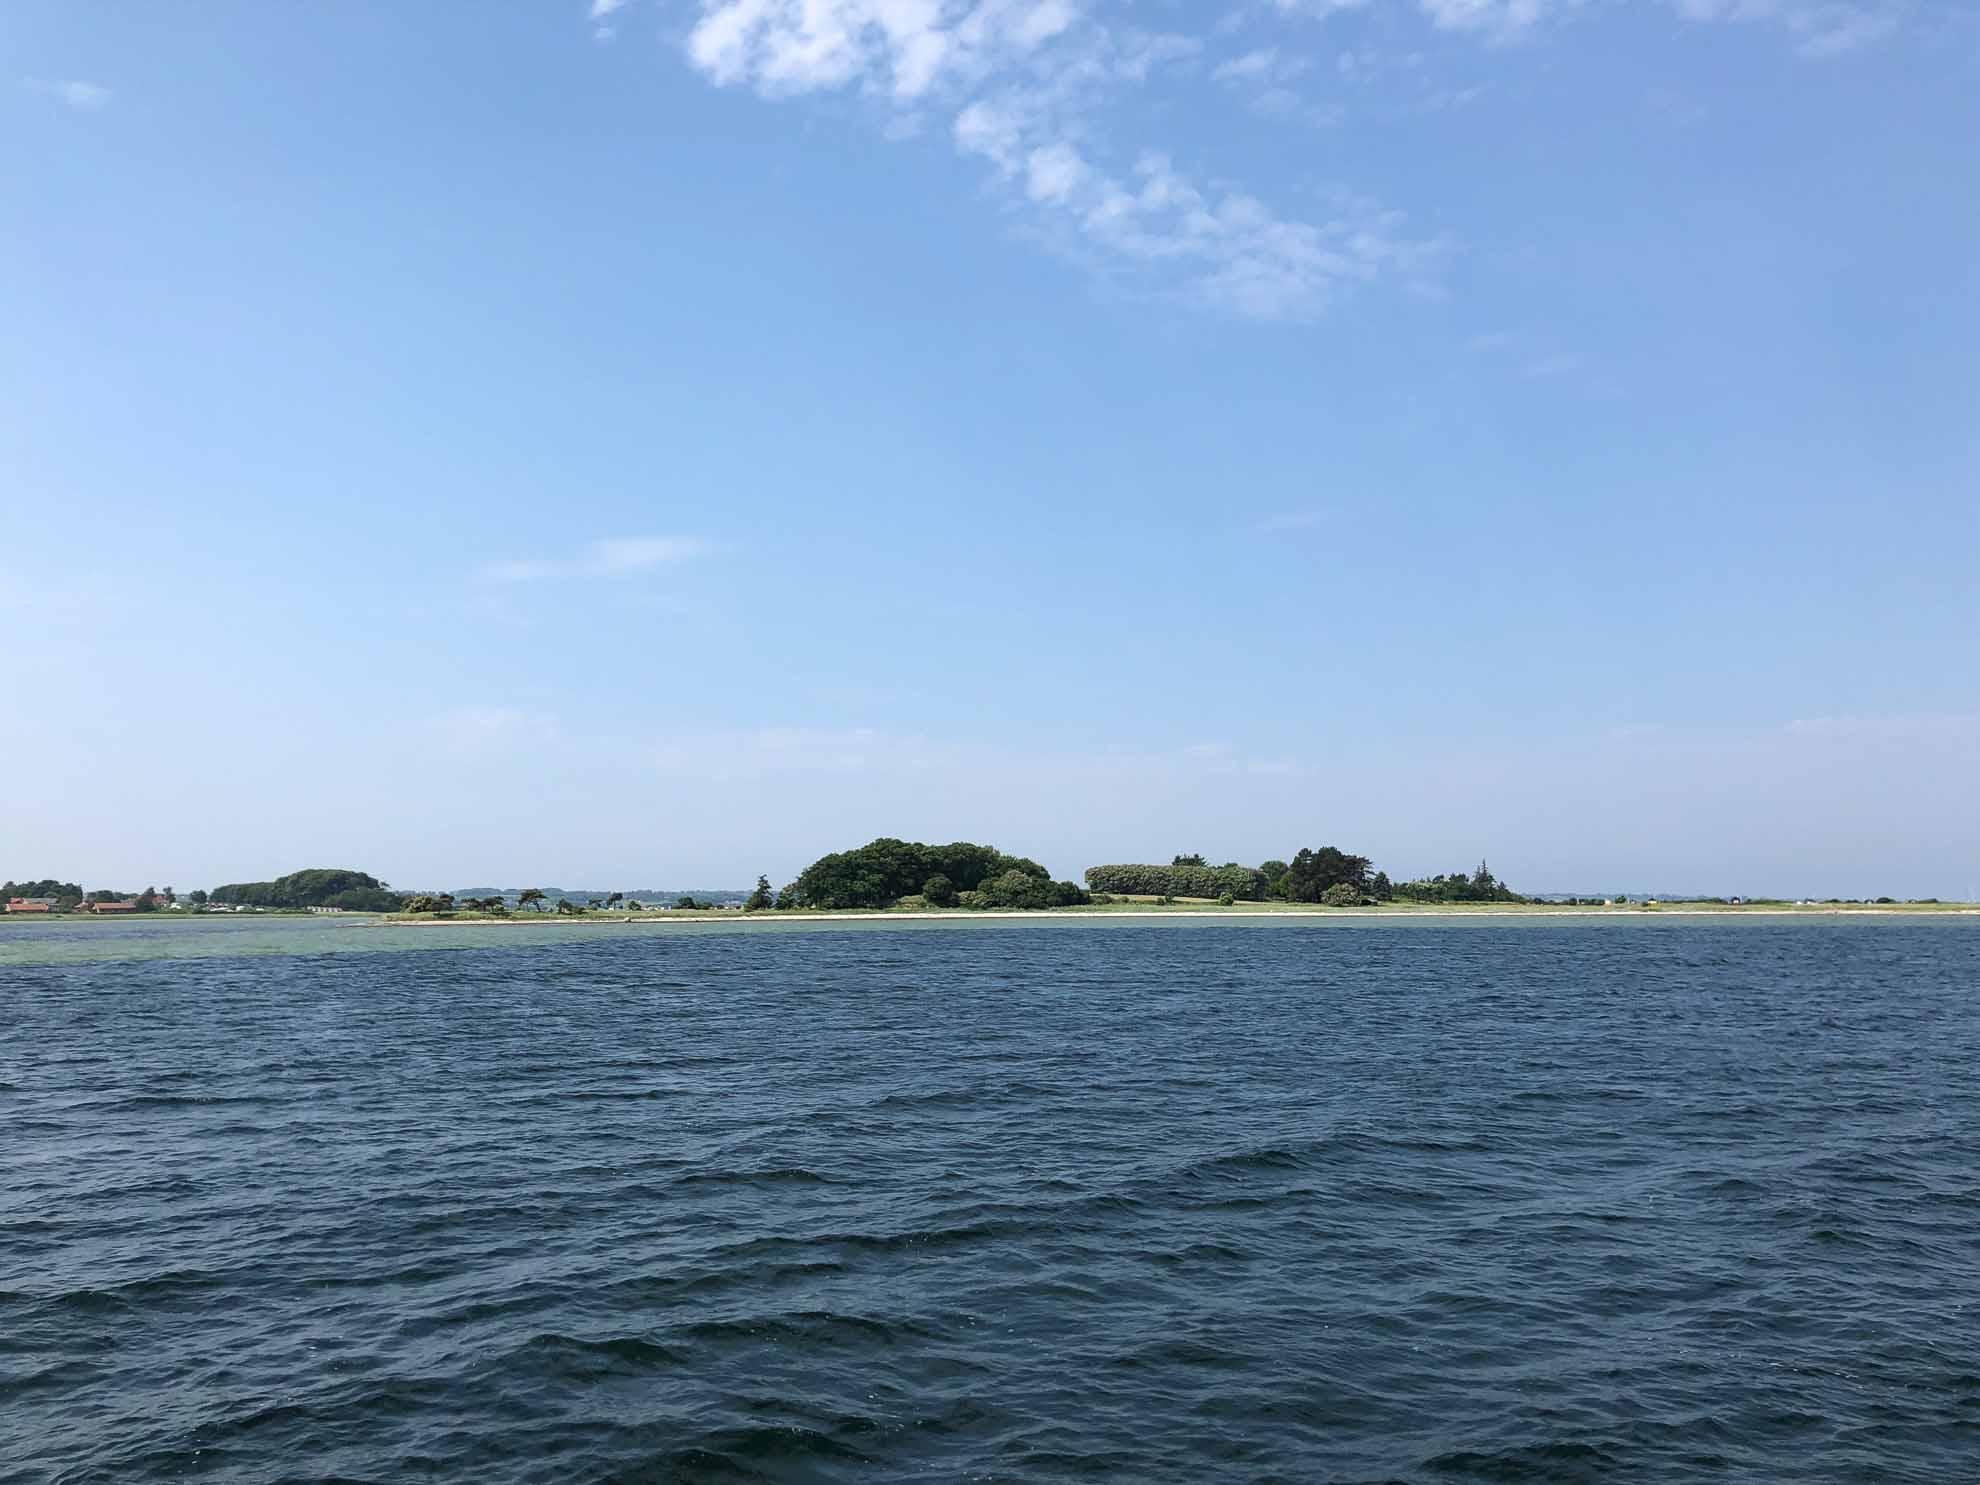 ... und legen gut 15 Seemeilen durch die Dänische Südsee nach Faaborg zurück.